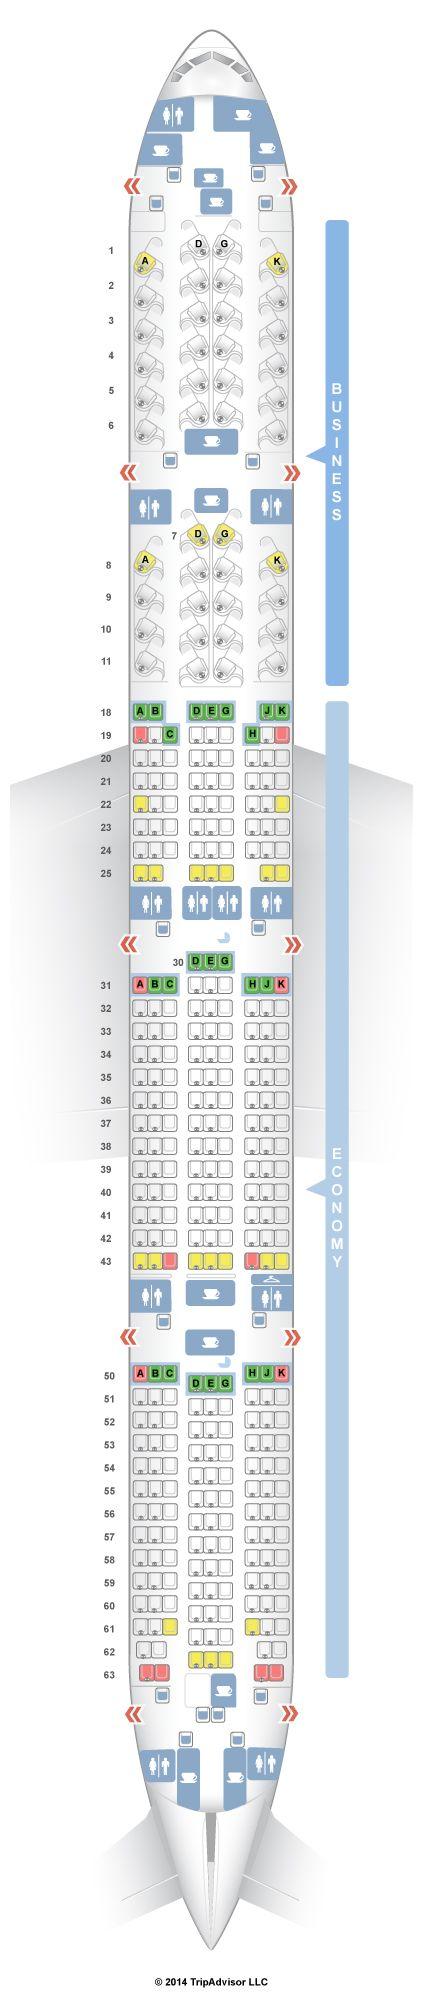 SeatGuru Seat Map Air Canada Boeing 777-300ER (77W) Two ...